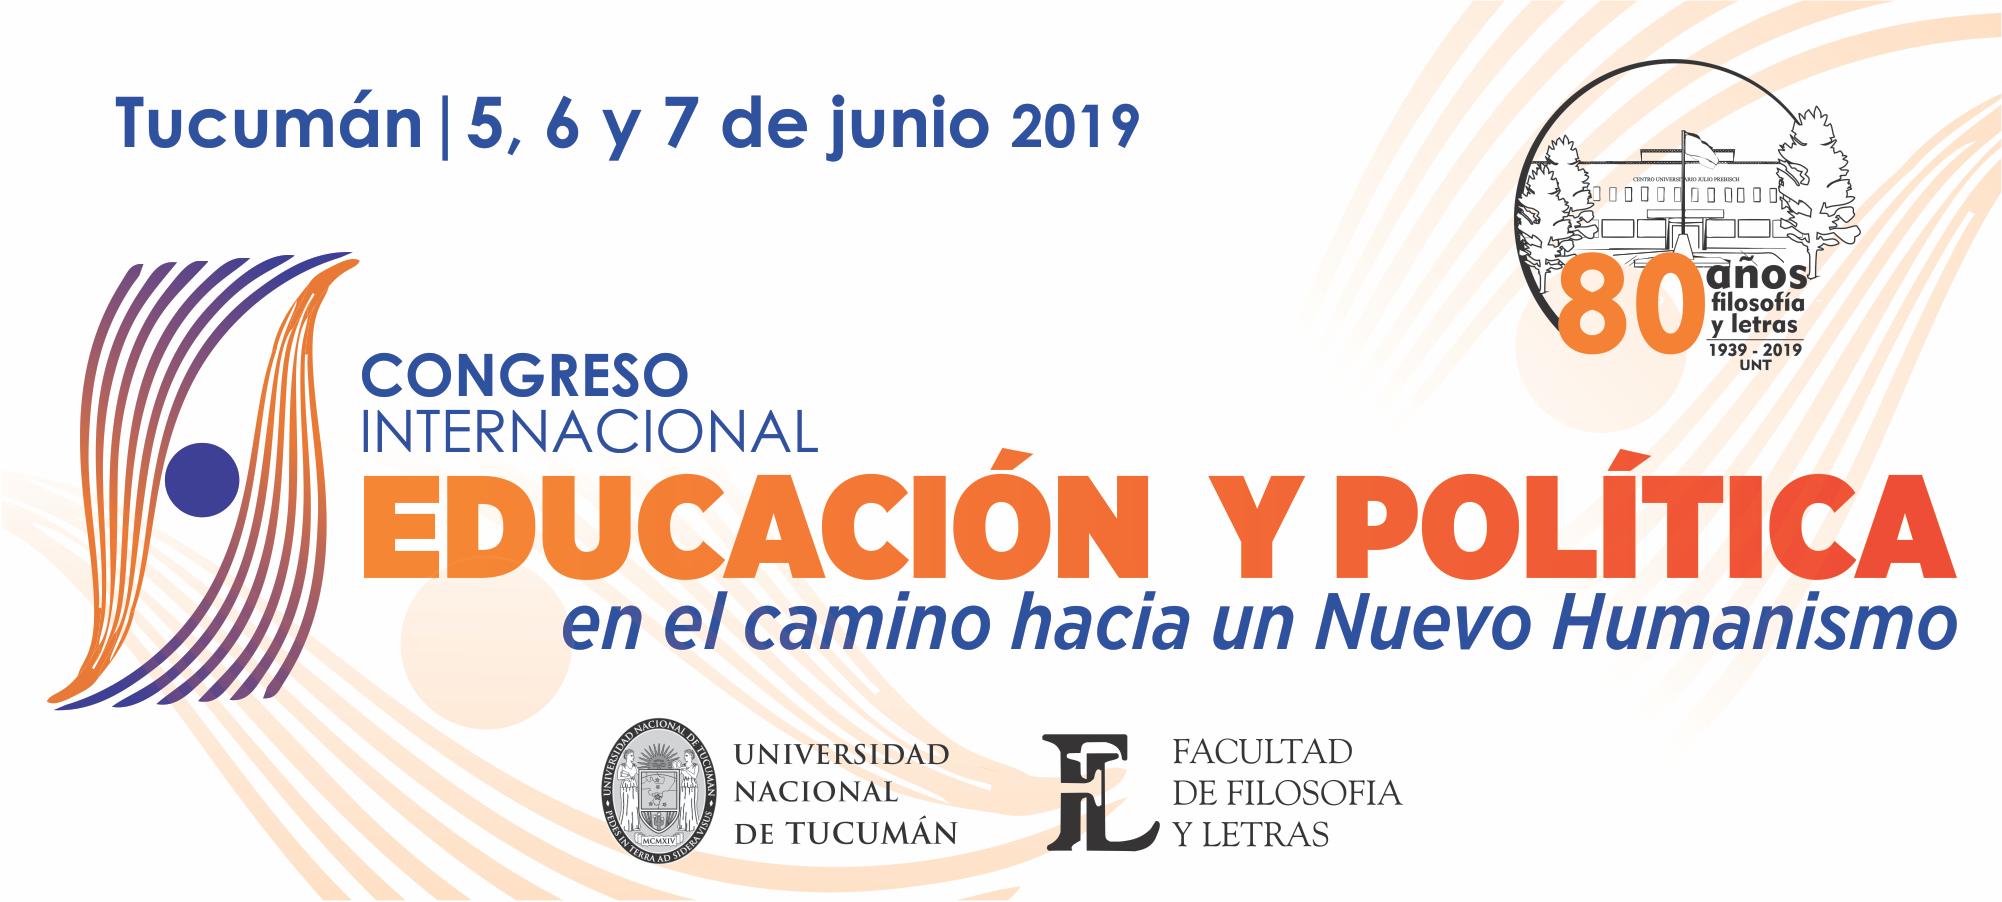 Congreso Internacional 2019. Educación y Política en el camino hacia un Nuevo Humanismo Logo